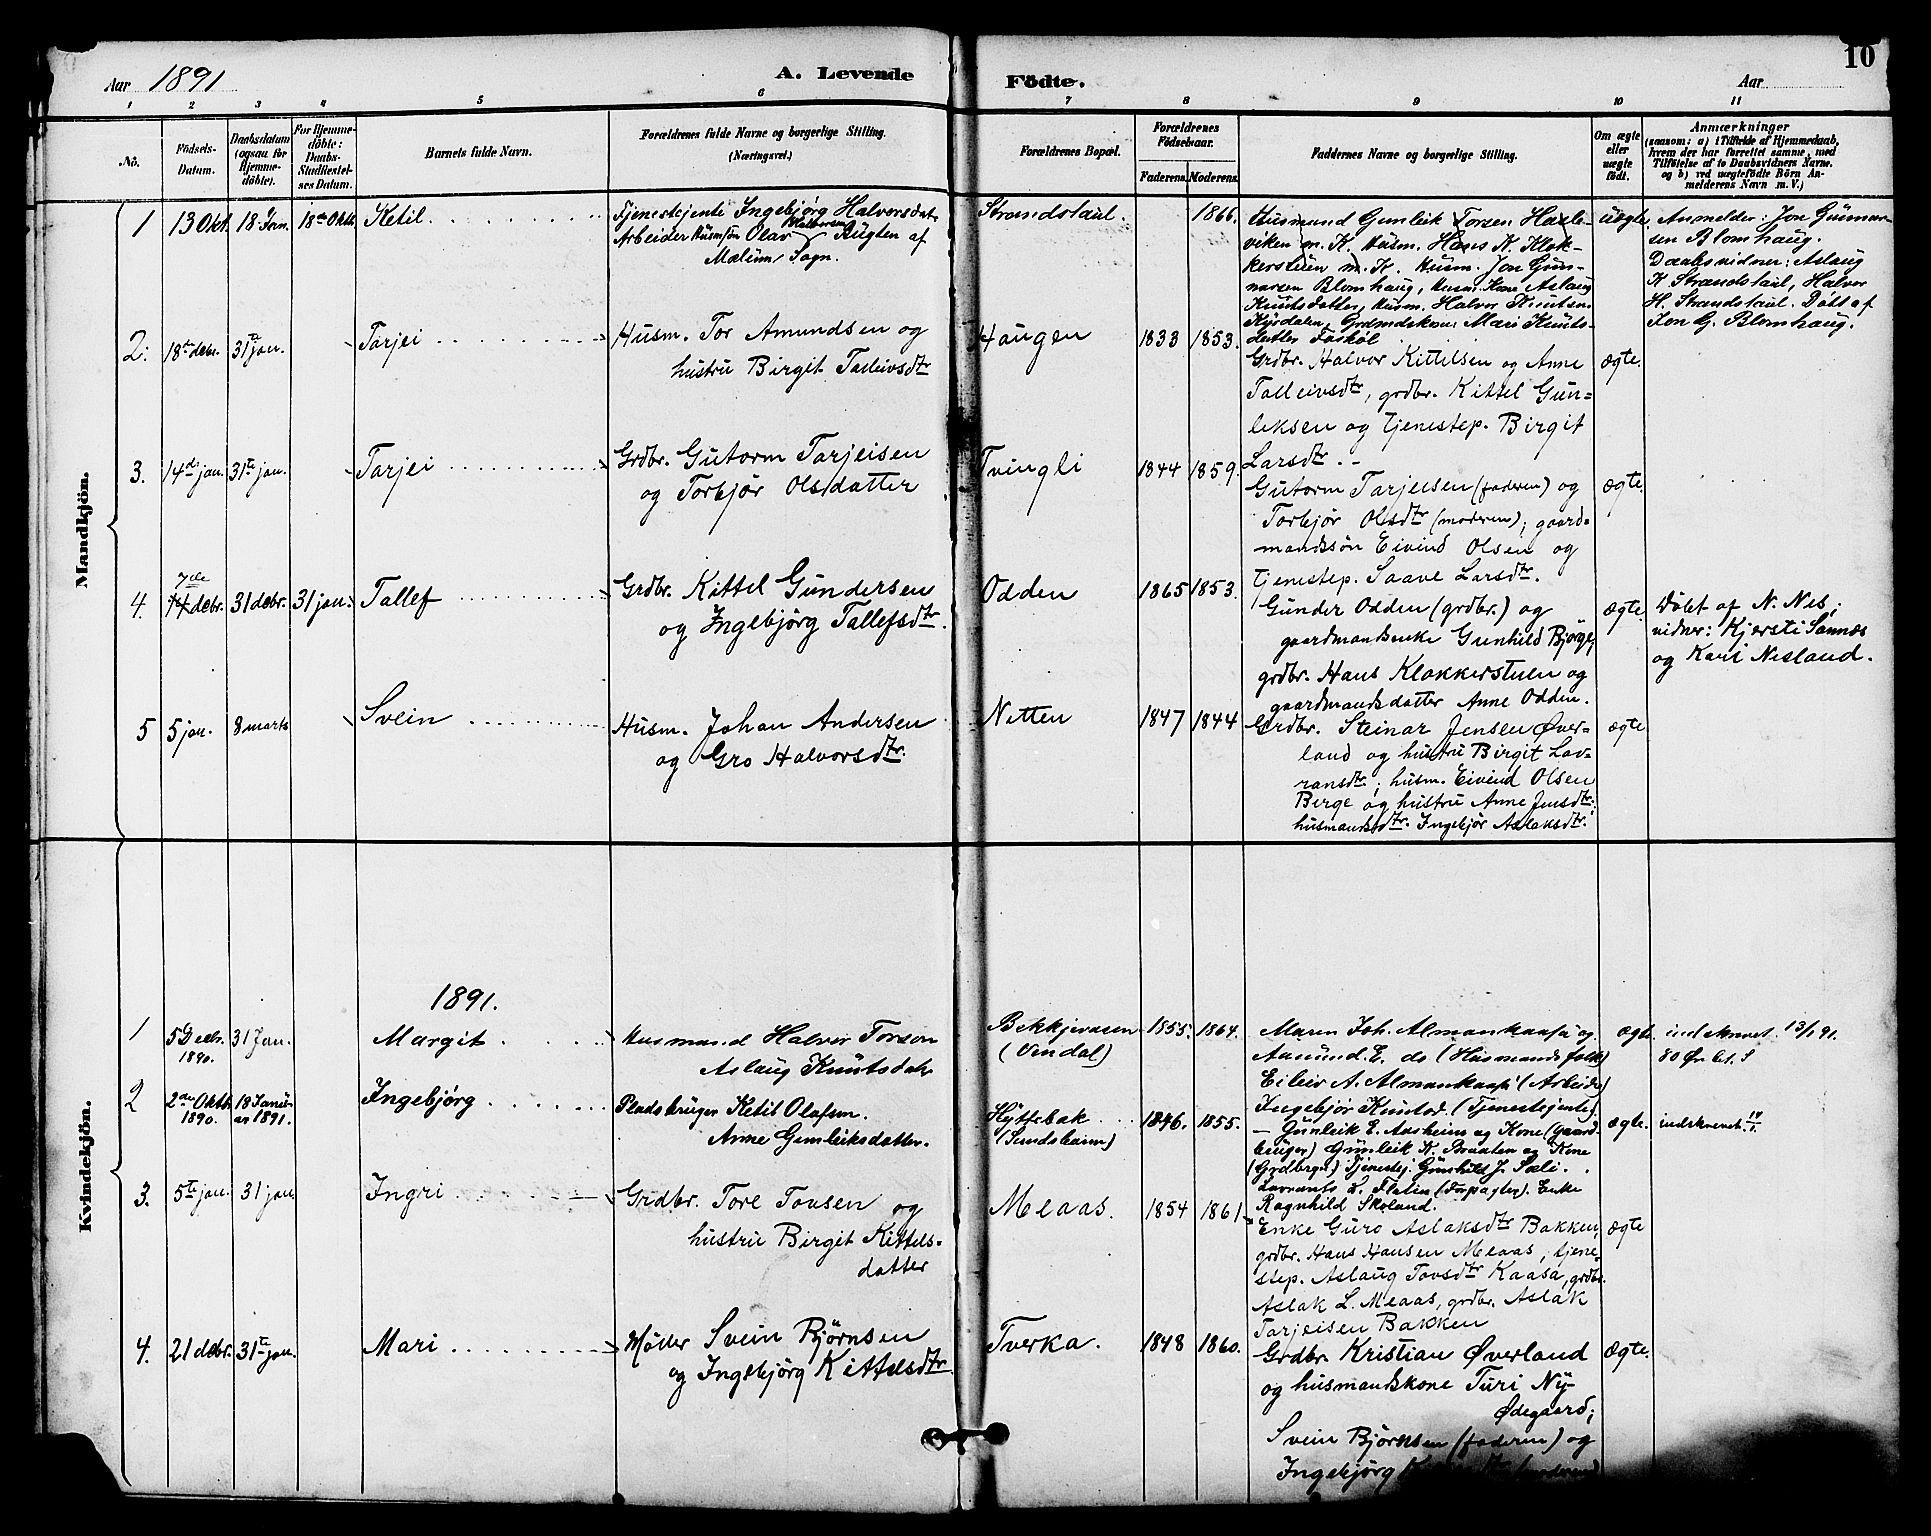 SAKO, Seljord kirkebøker, G/Ga/L0005: Klokkerbok nr. I 5, 1887-1914, s. 10